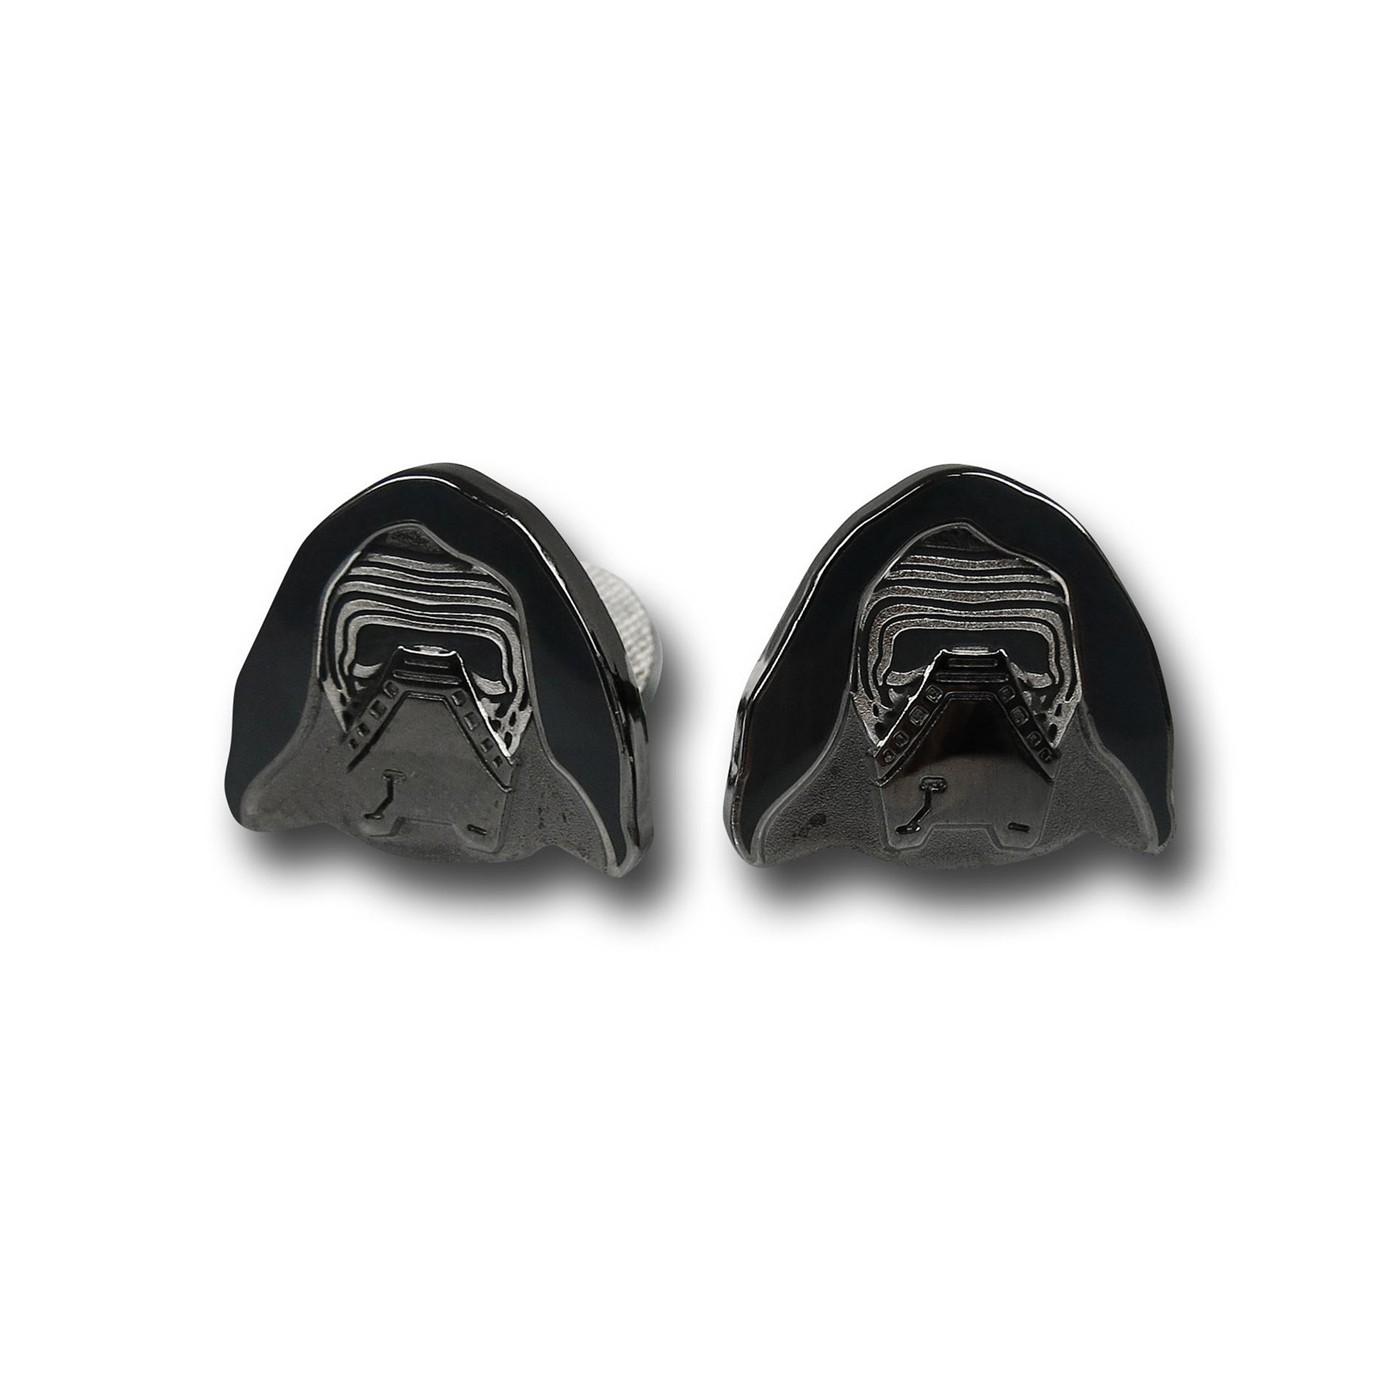 Star Wars Force Awakens Kylo Ren Cufflinks